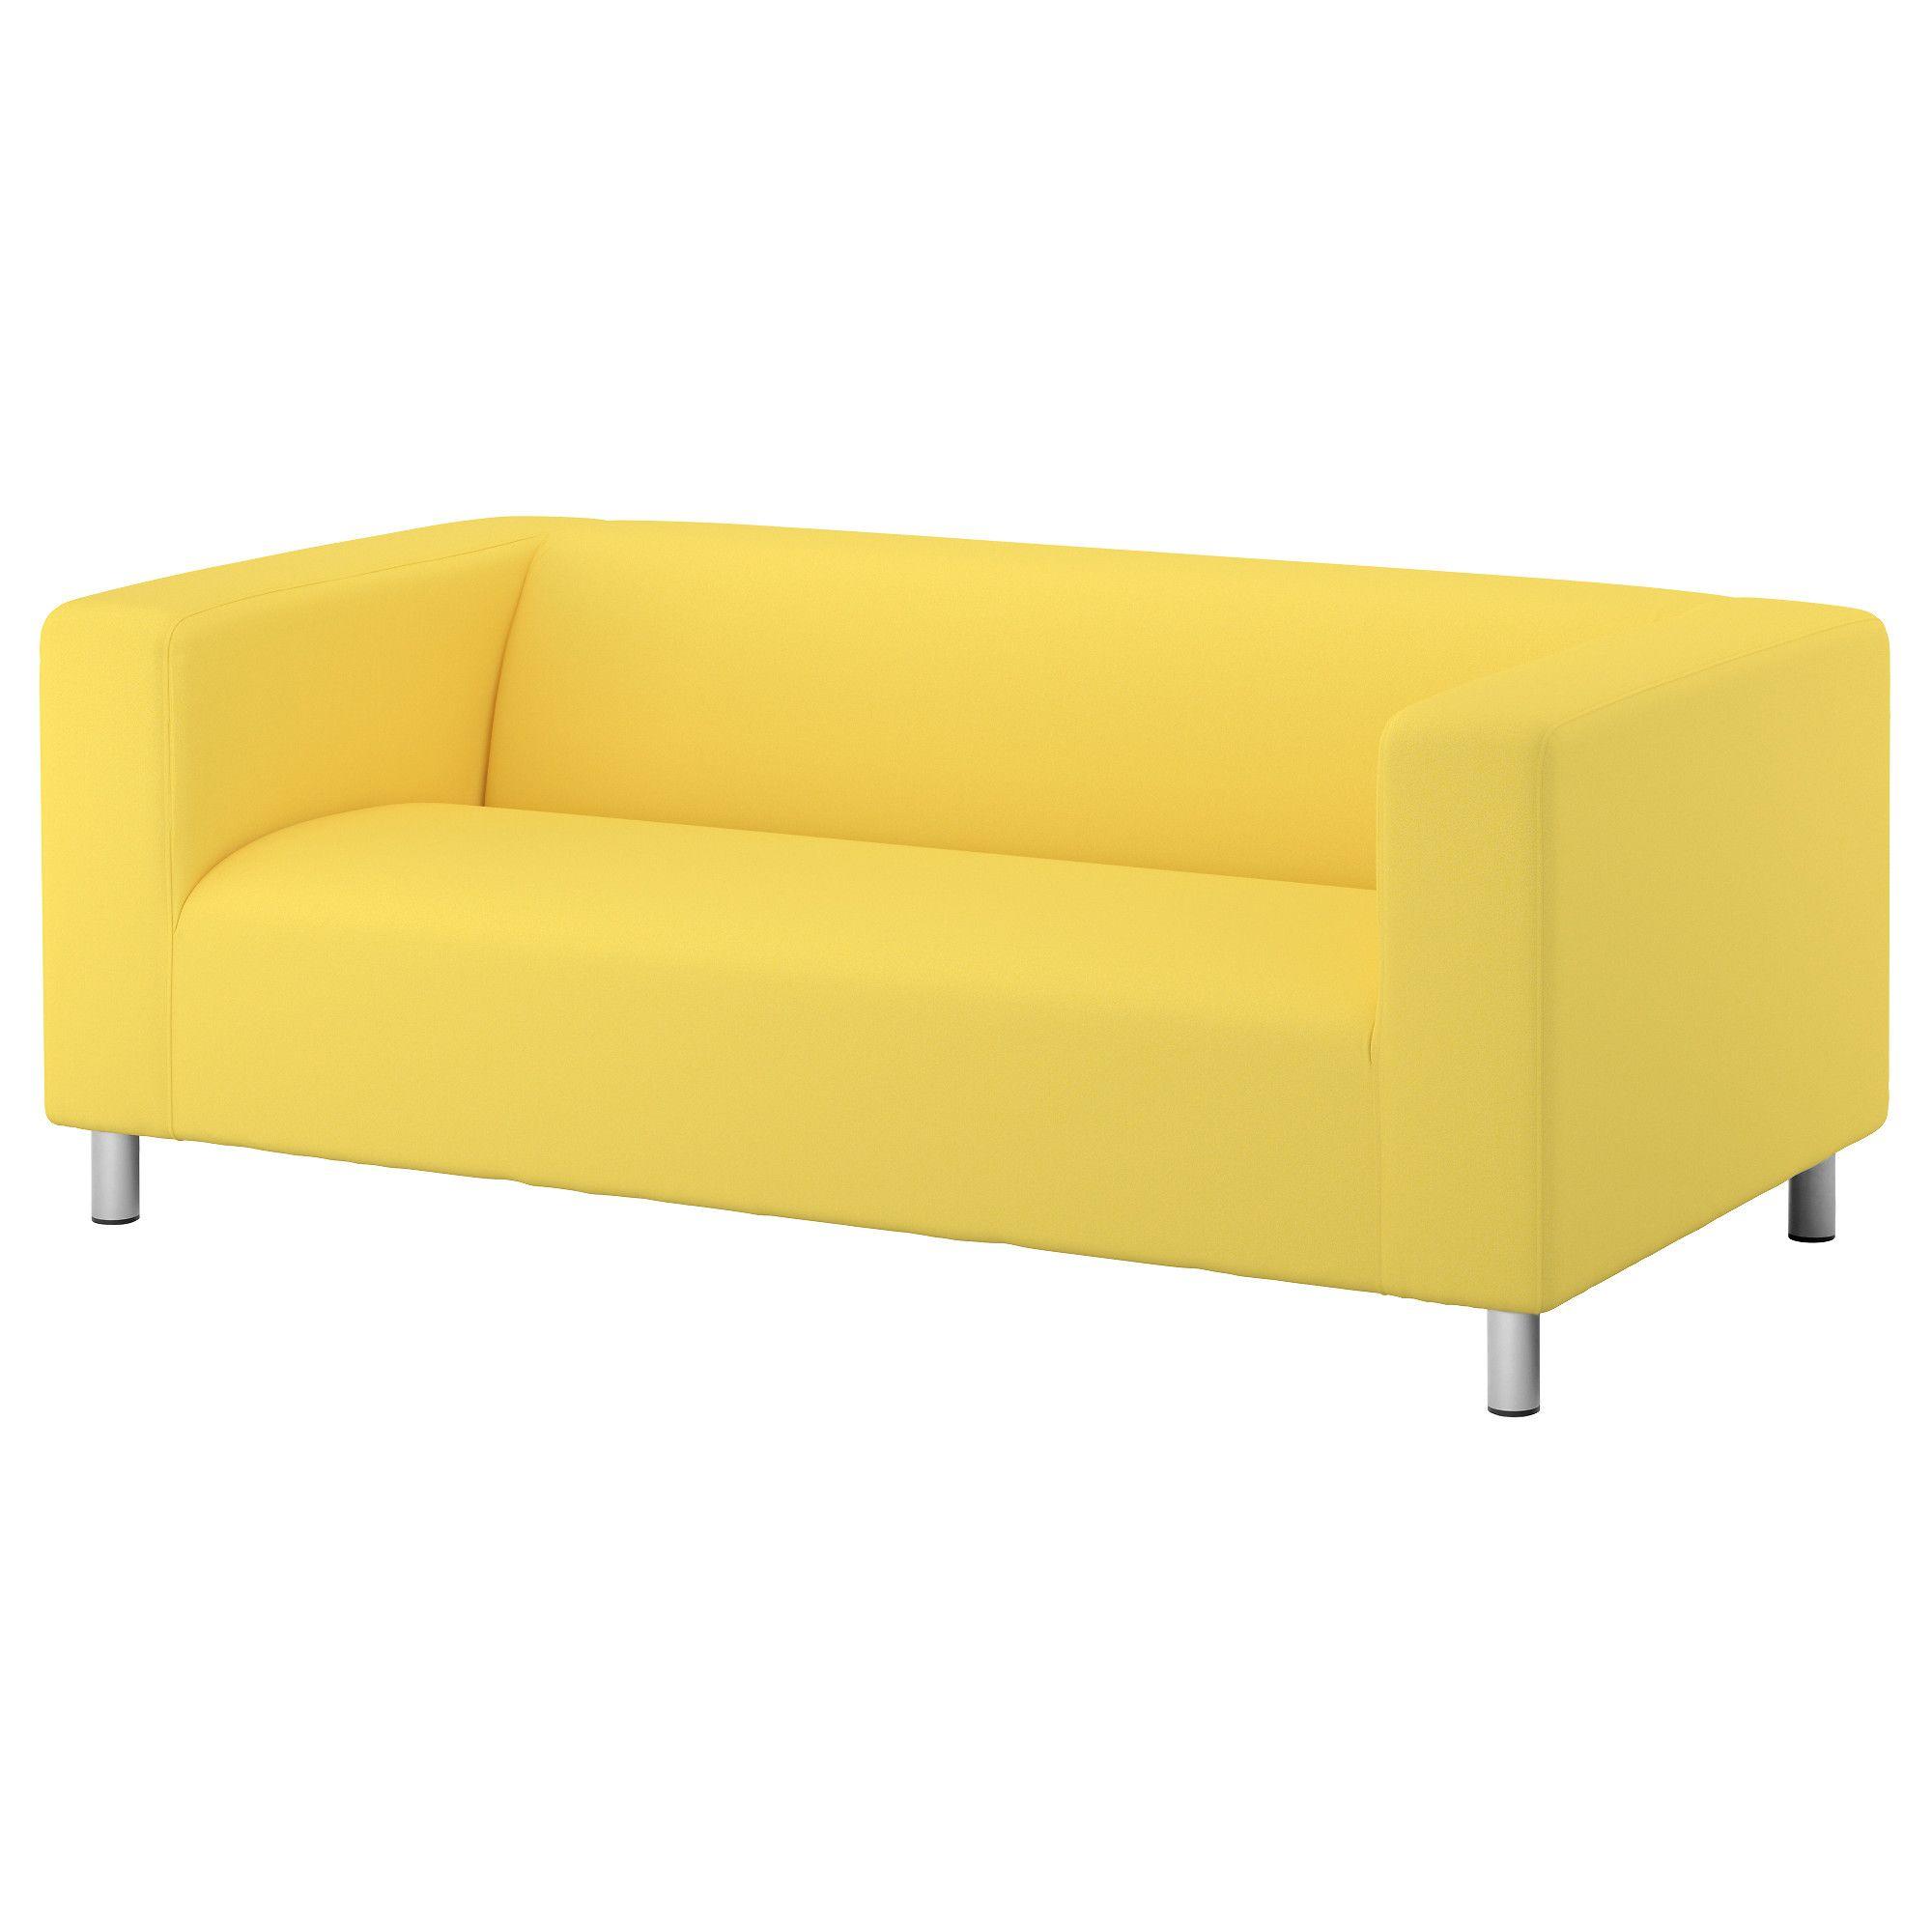 KLIPPAN, 2er-Sofa, Vissle gelb, gelb Jetzt bestellen unter: https ...